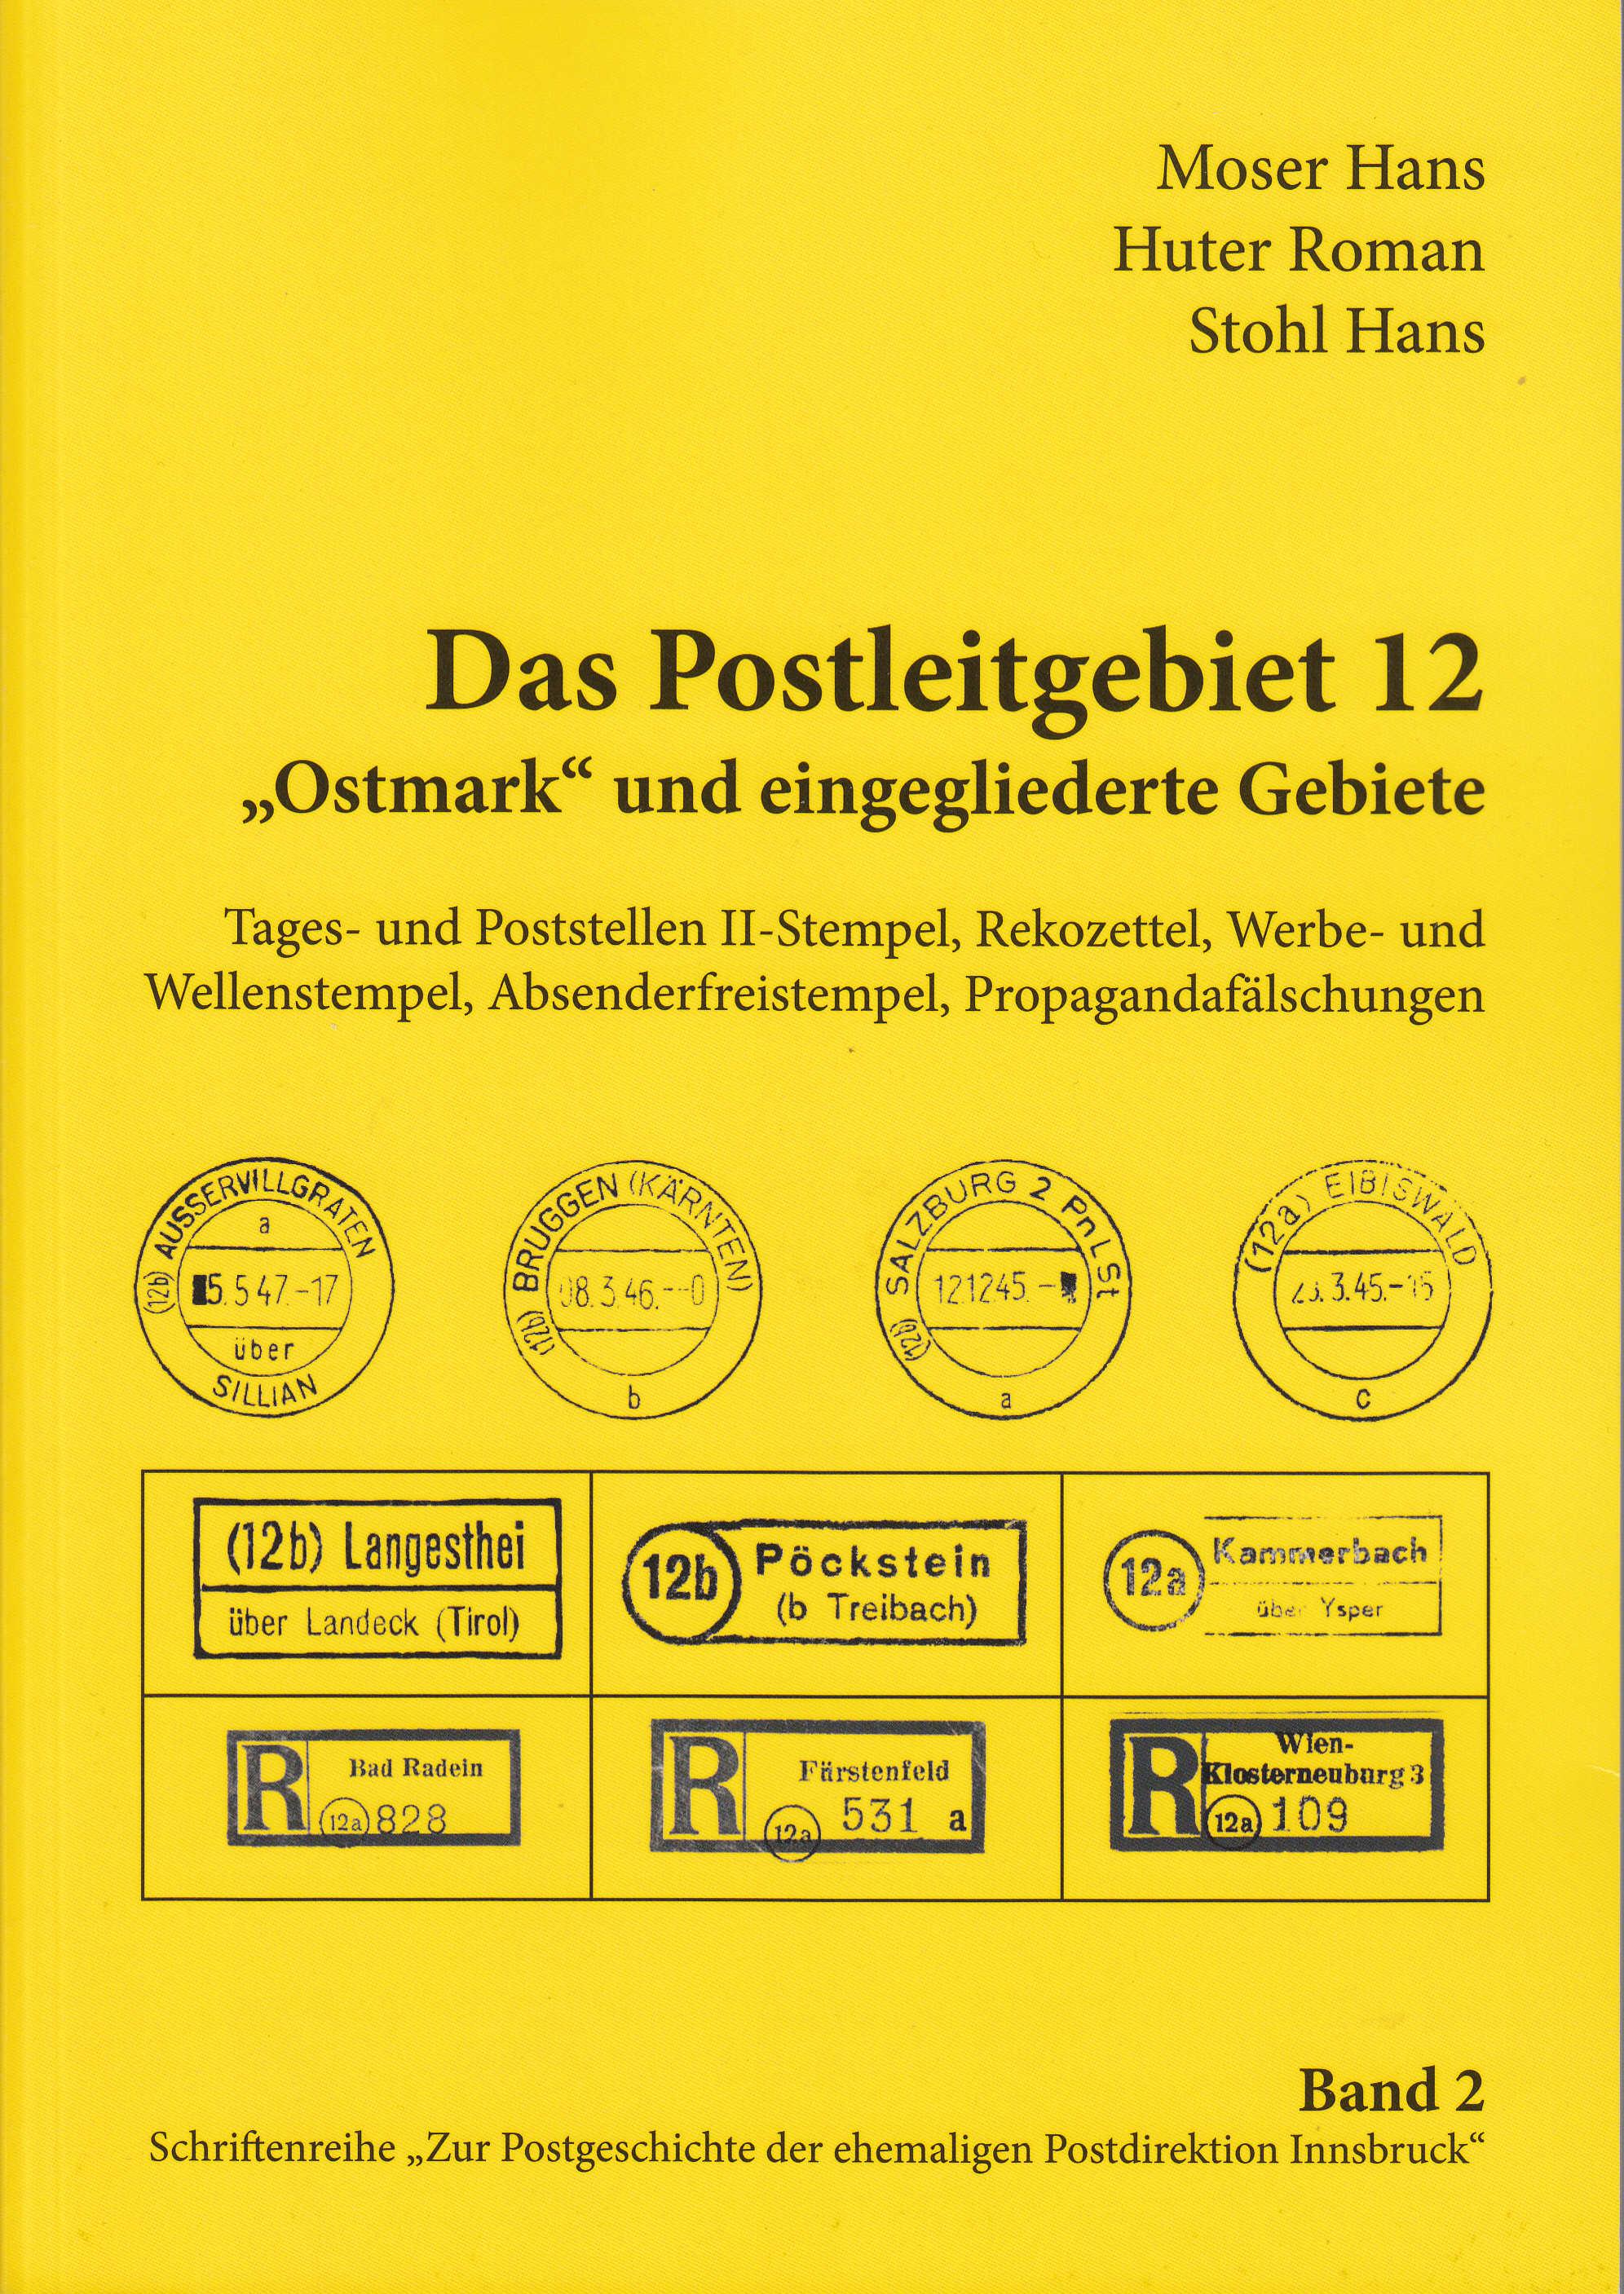 ungarn - Die Büchersammlungen der Forumsmitglieder - Seite 9 Img_0239